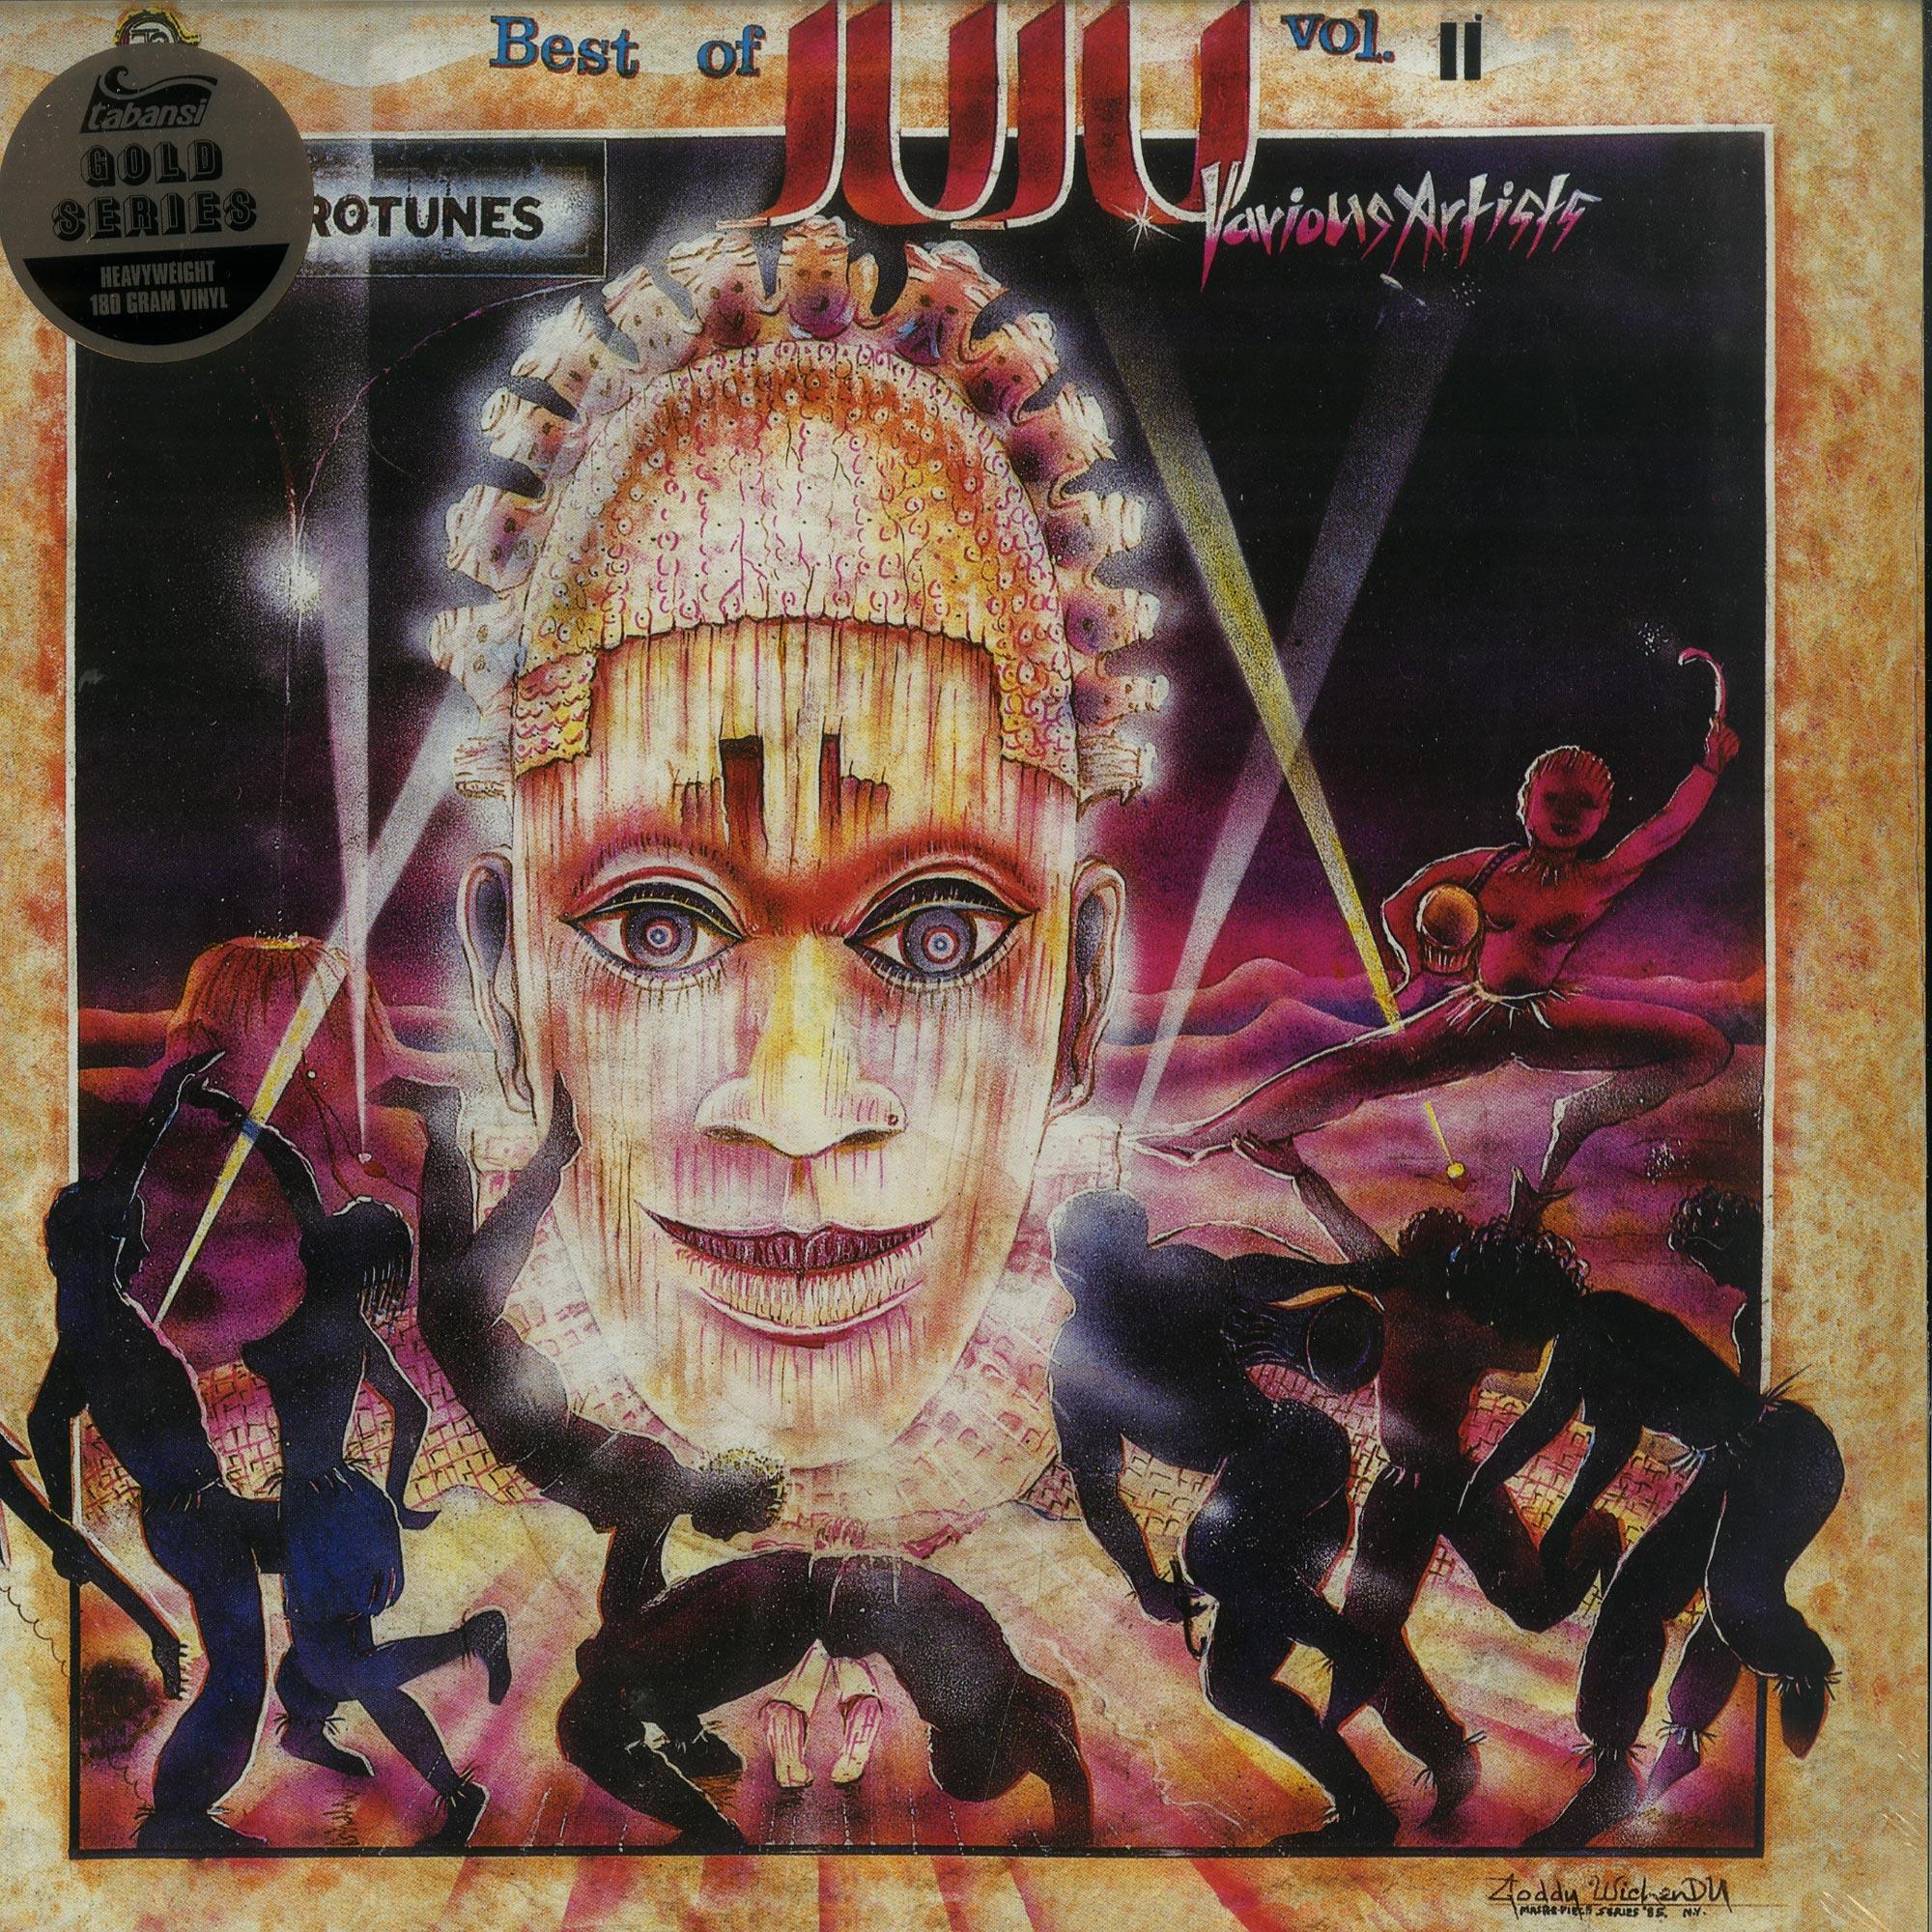 Ojo Balingo - AFROTUNES - BEST OF JUJU VOL. II